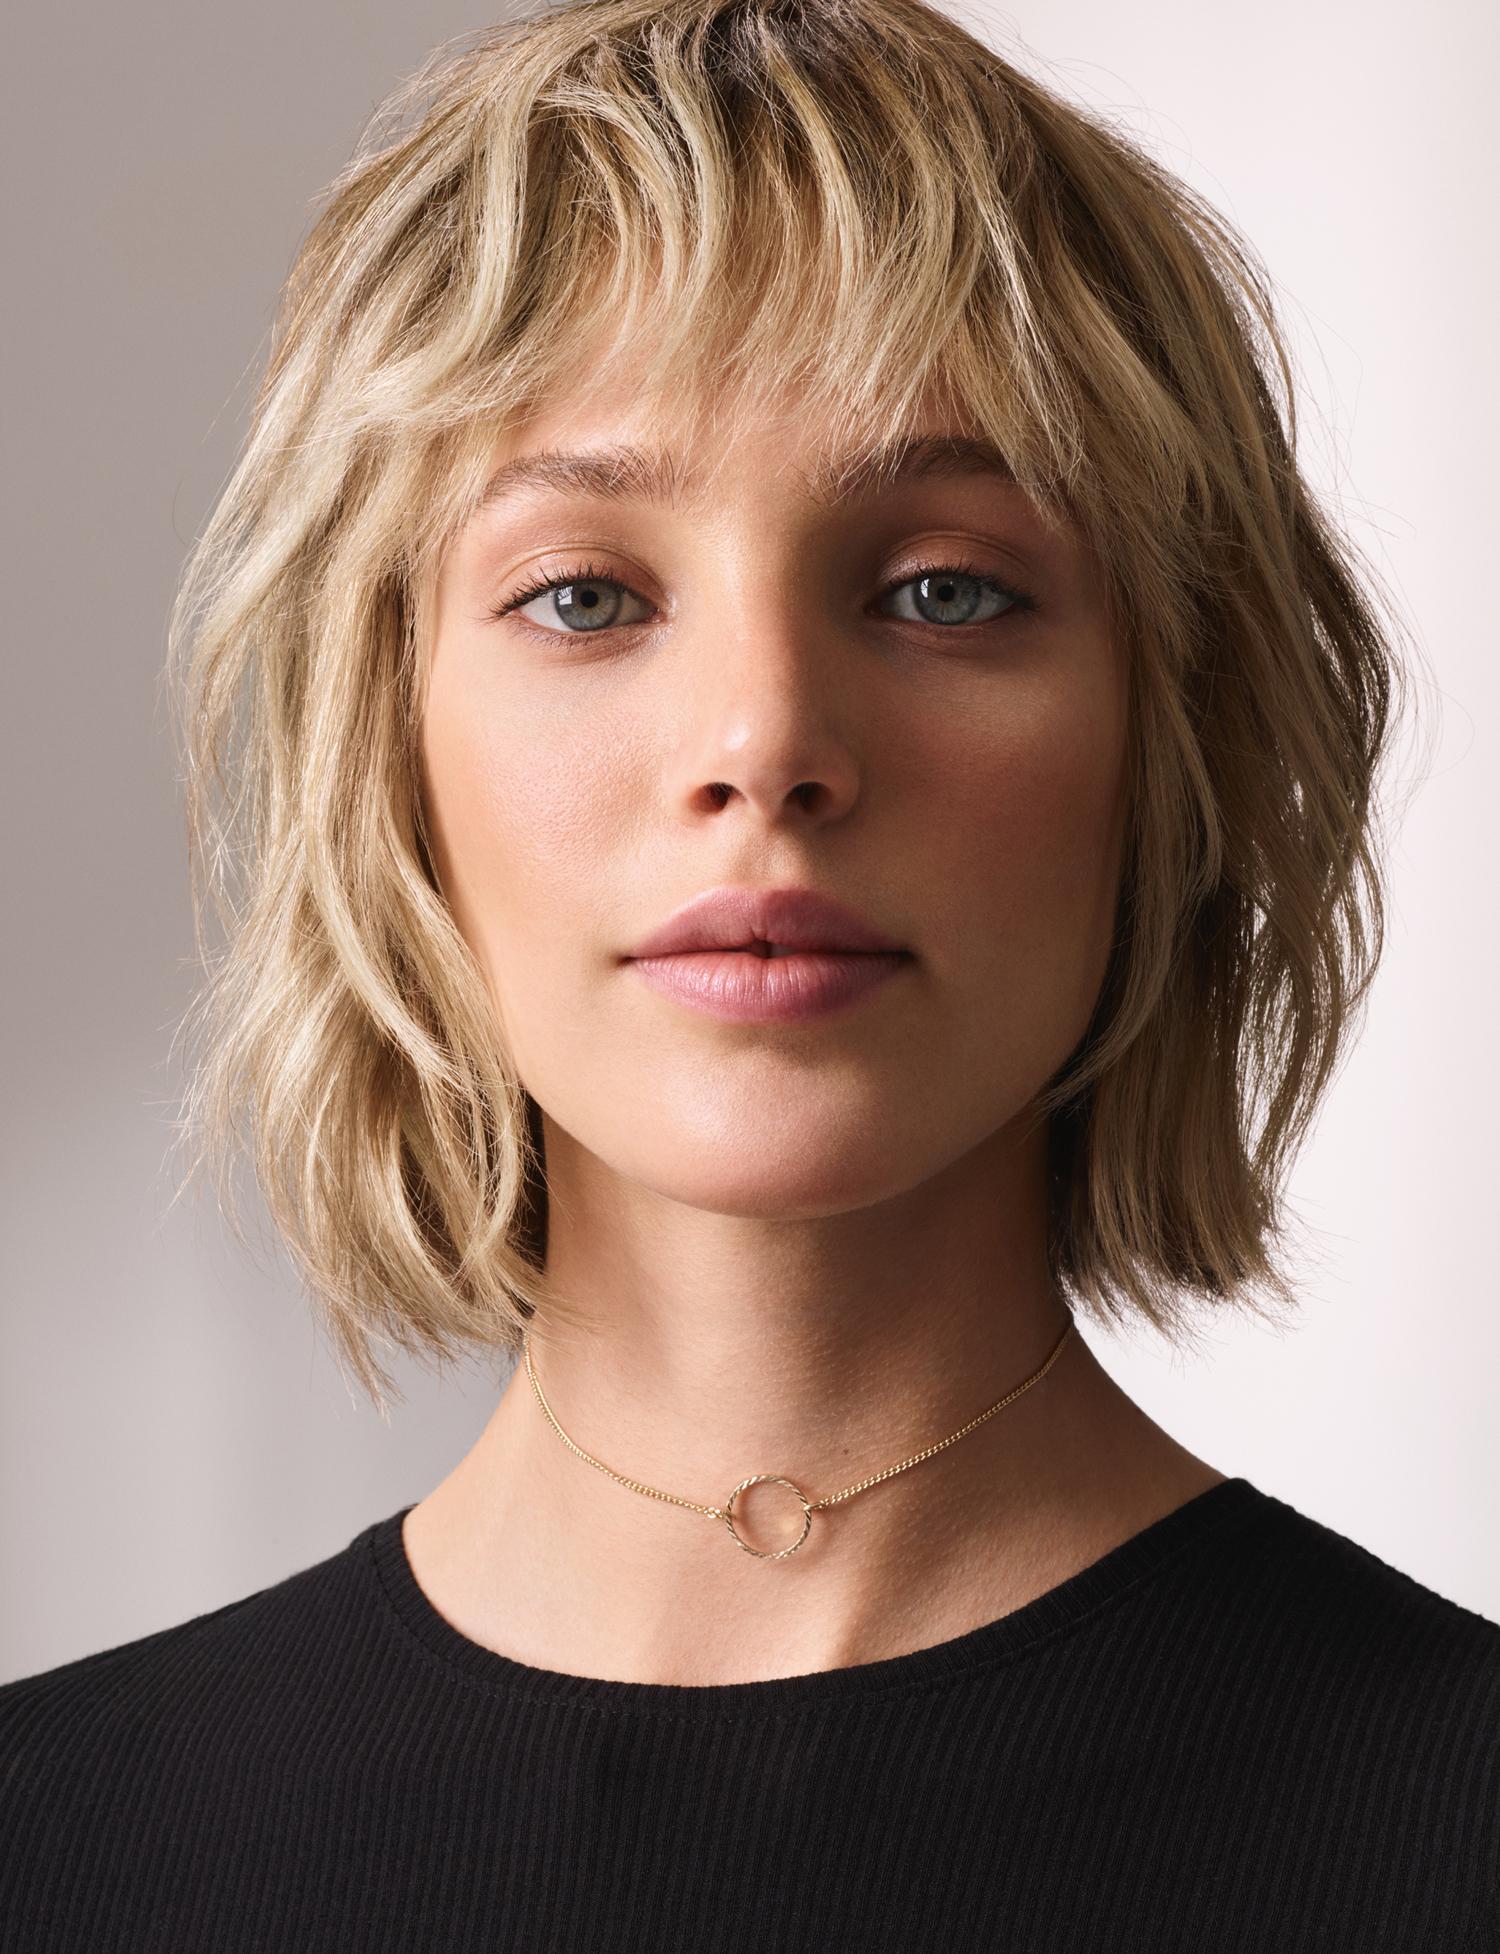 Les Tendances Coupe De Cheveux Du Printemps Ete 2019 Femme Actuelle